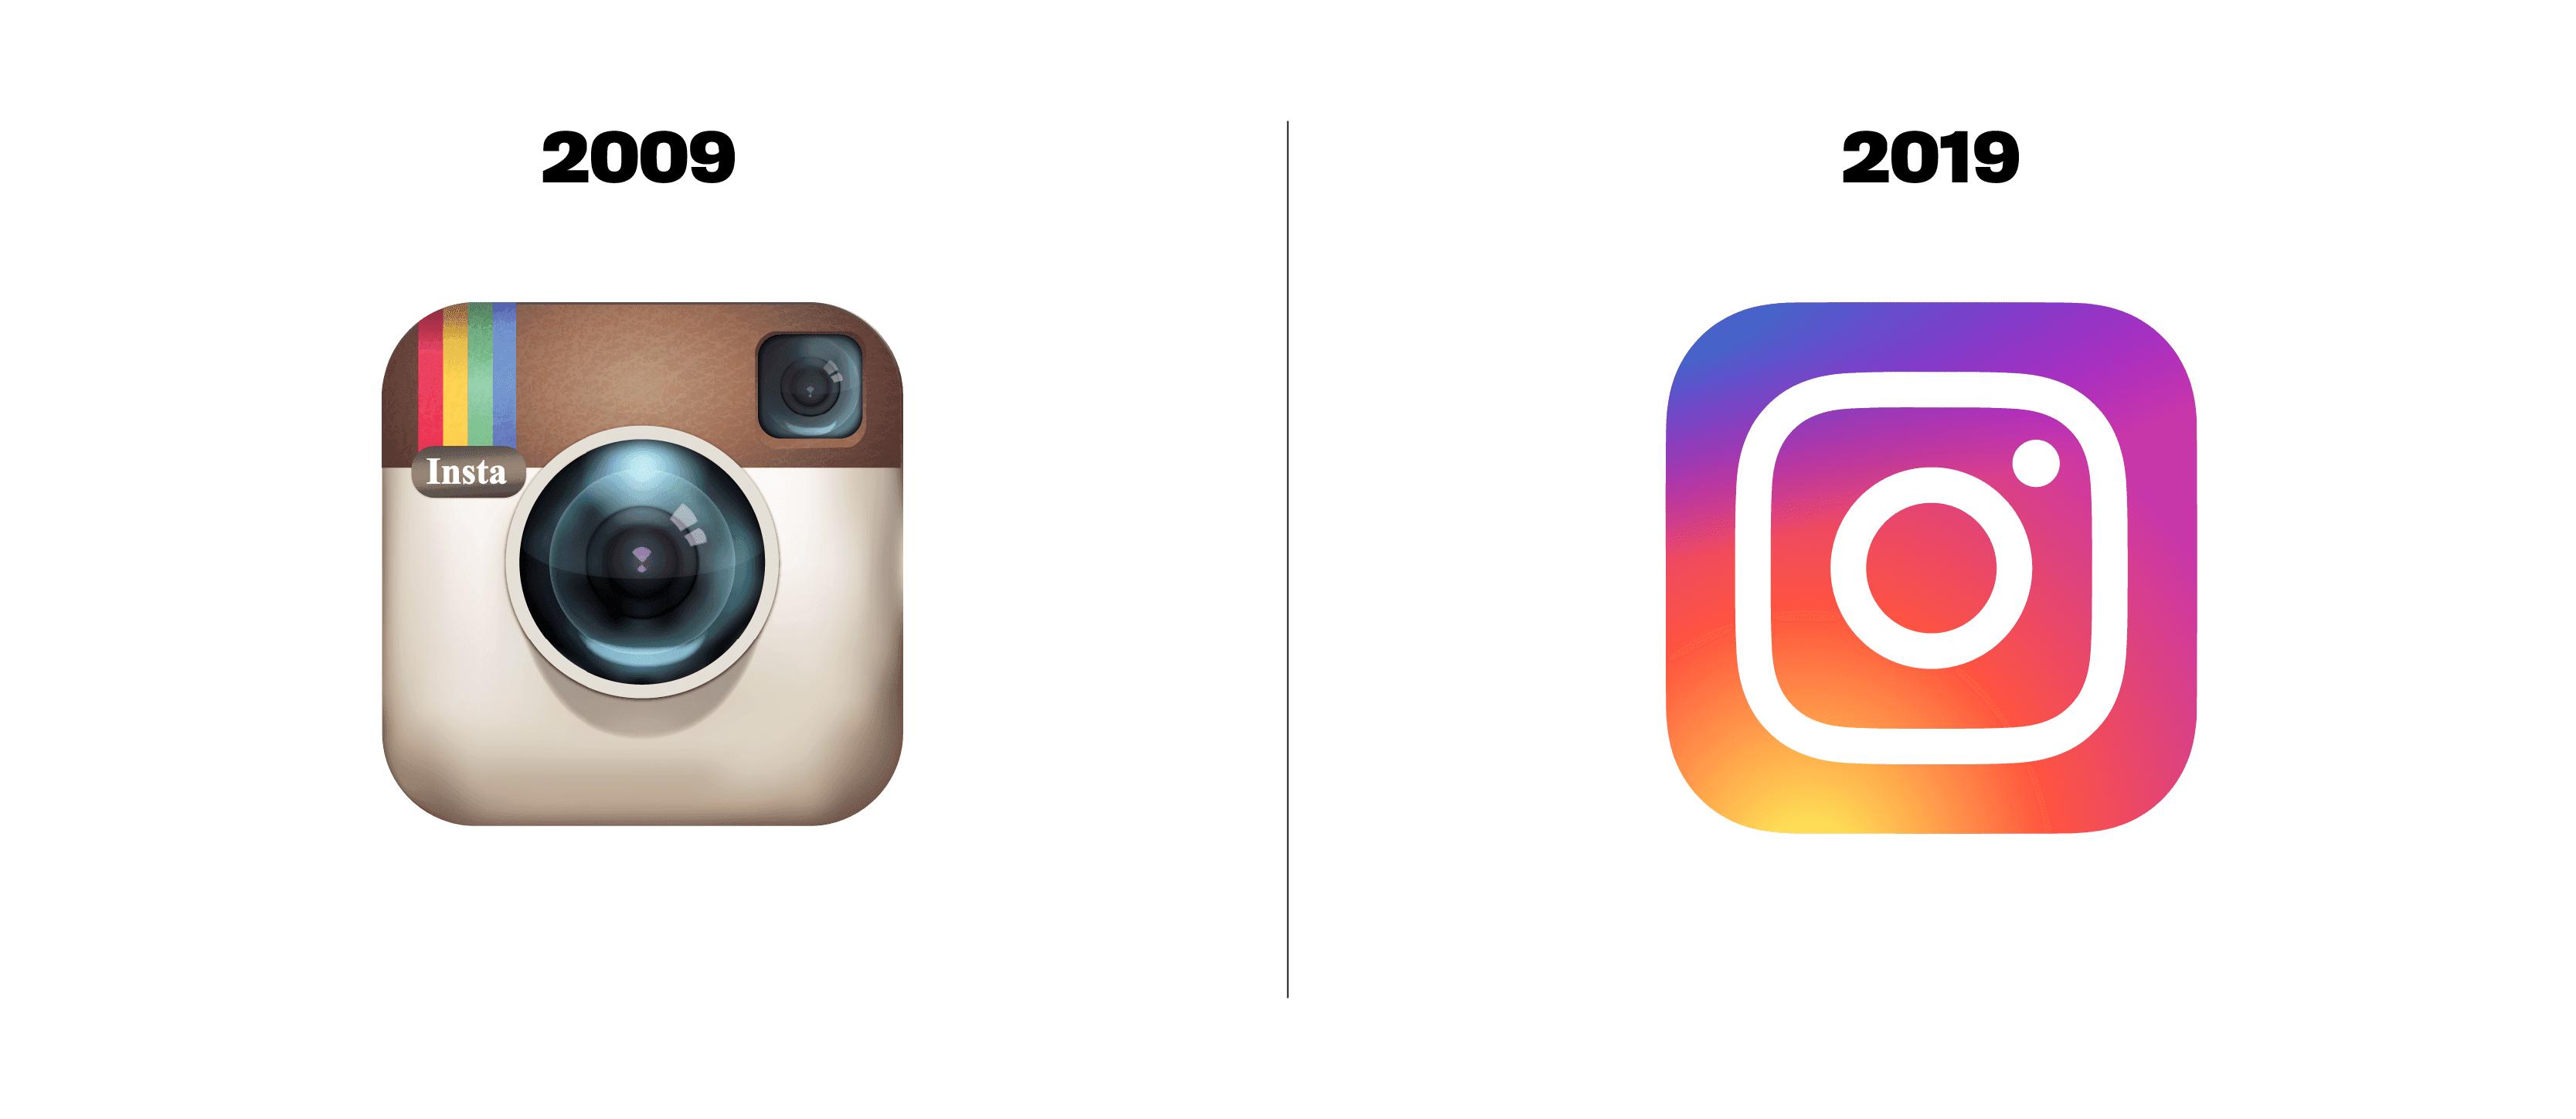 instagram-logo-old-vs-new-2009-2019